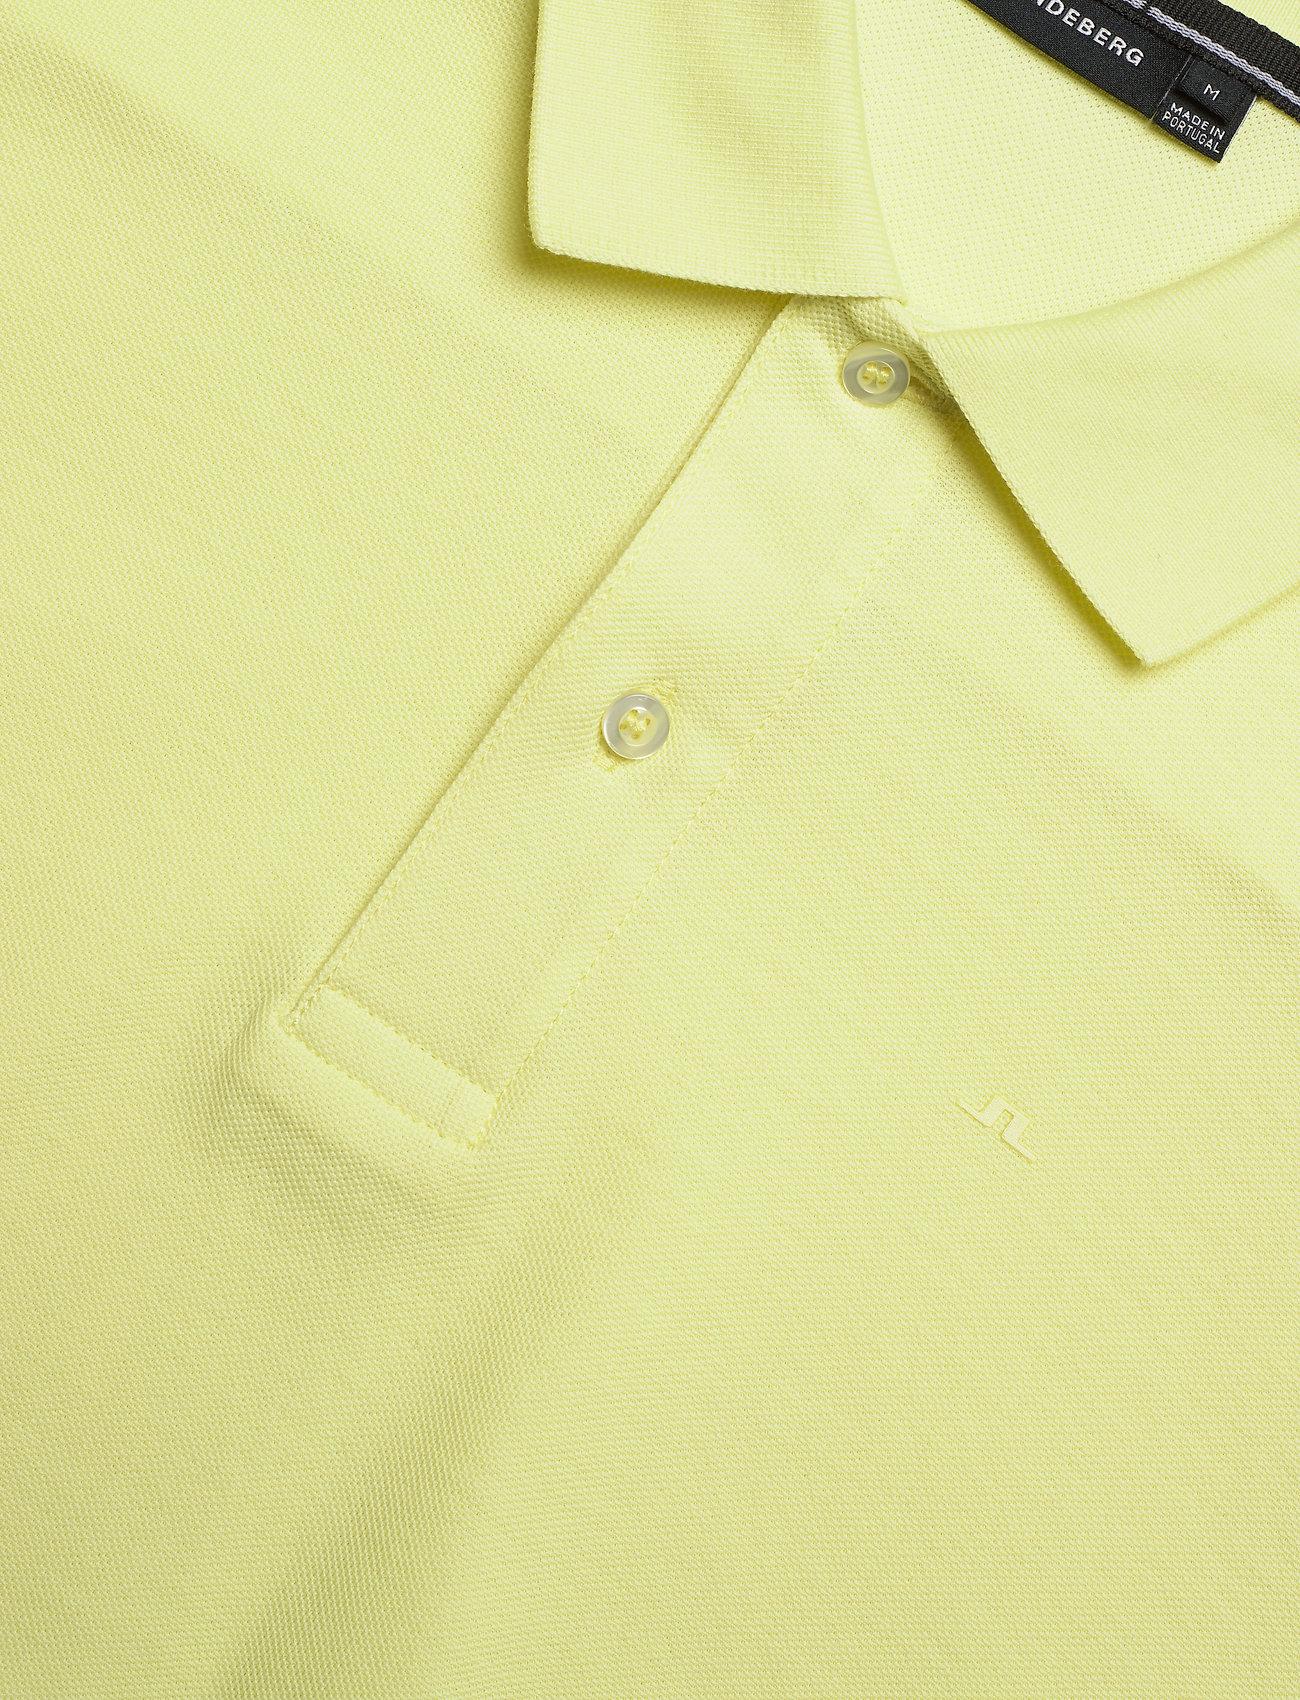 J. Lindeberg Troy-Clean Pique - Poloskjorter STILL YELLOW - Menn Klær